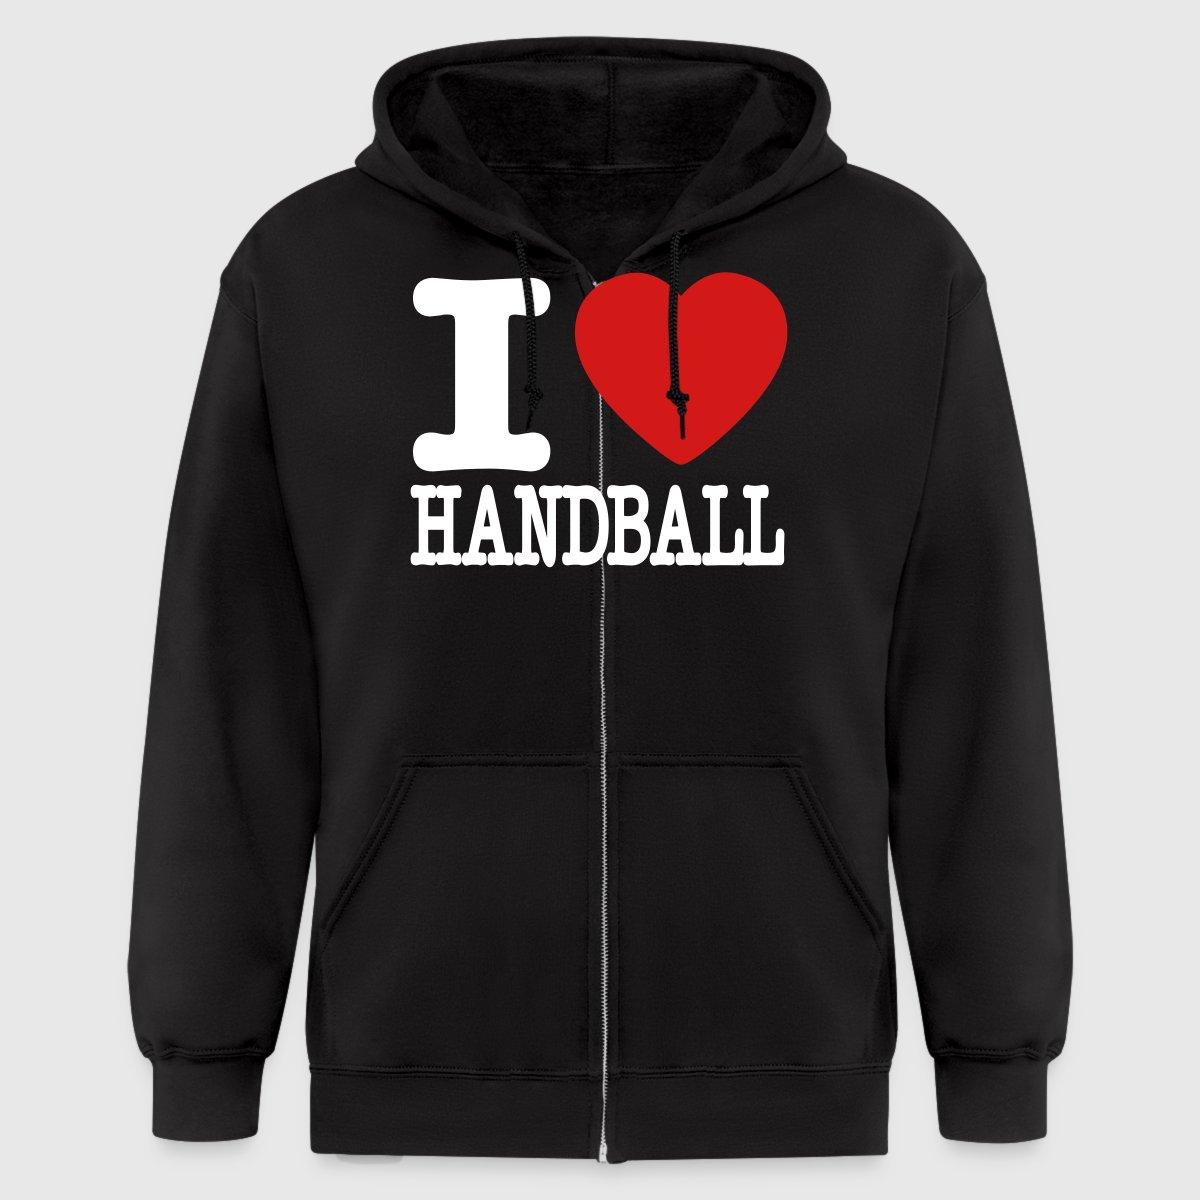 I Love Handball Zip Hoodie 2FuiOS